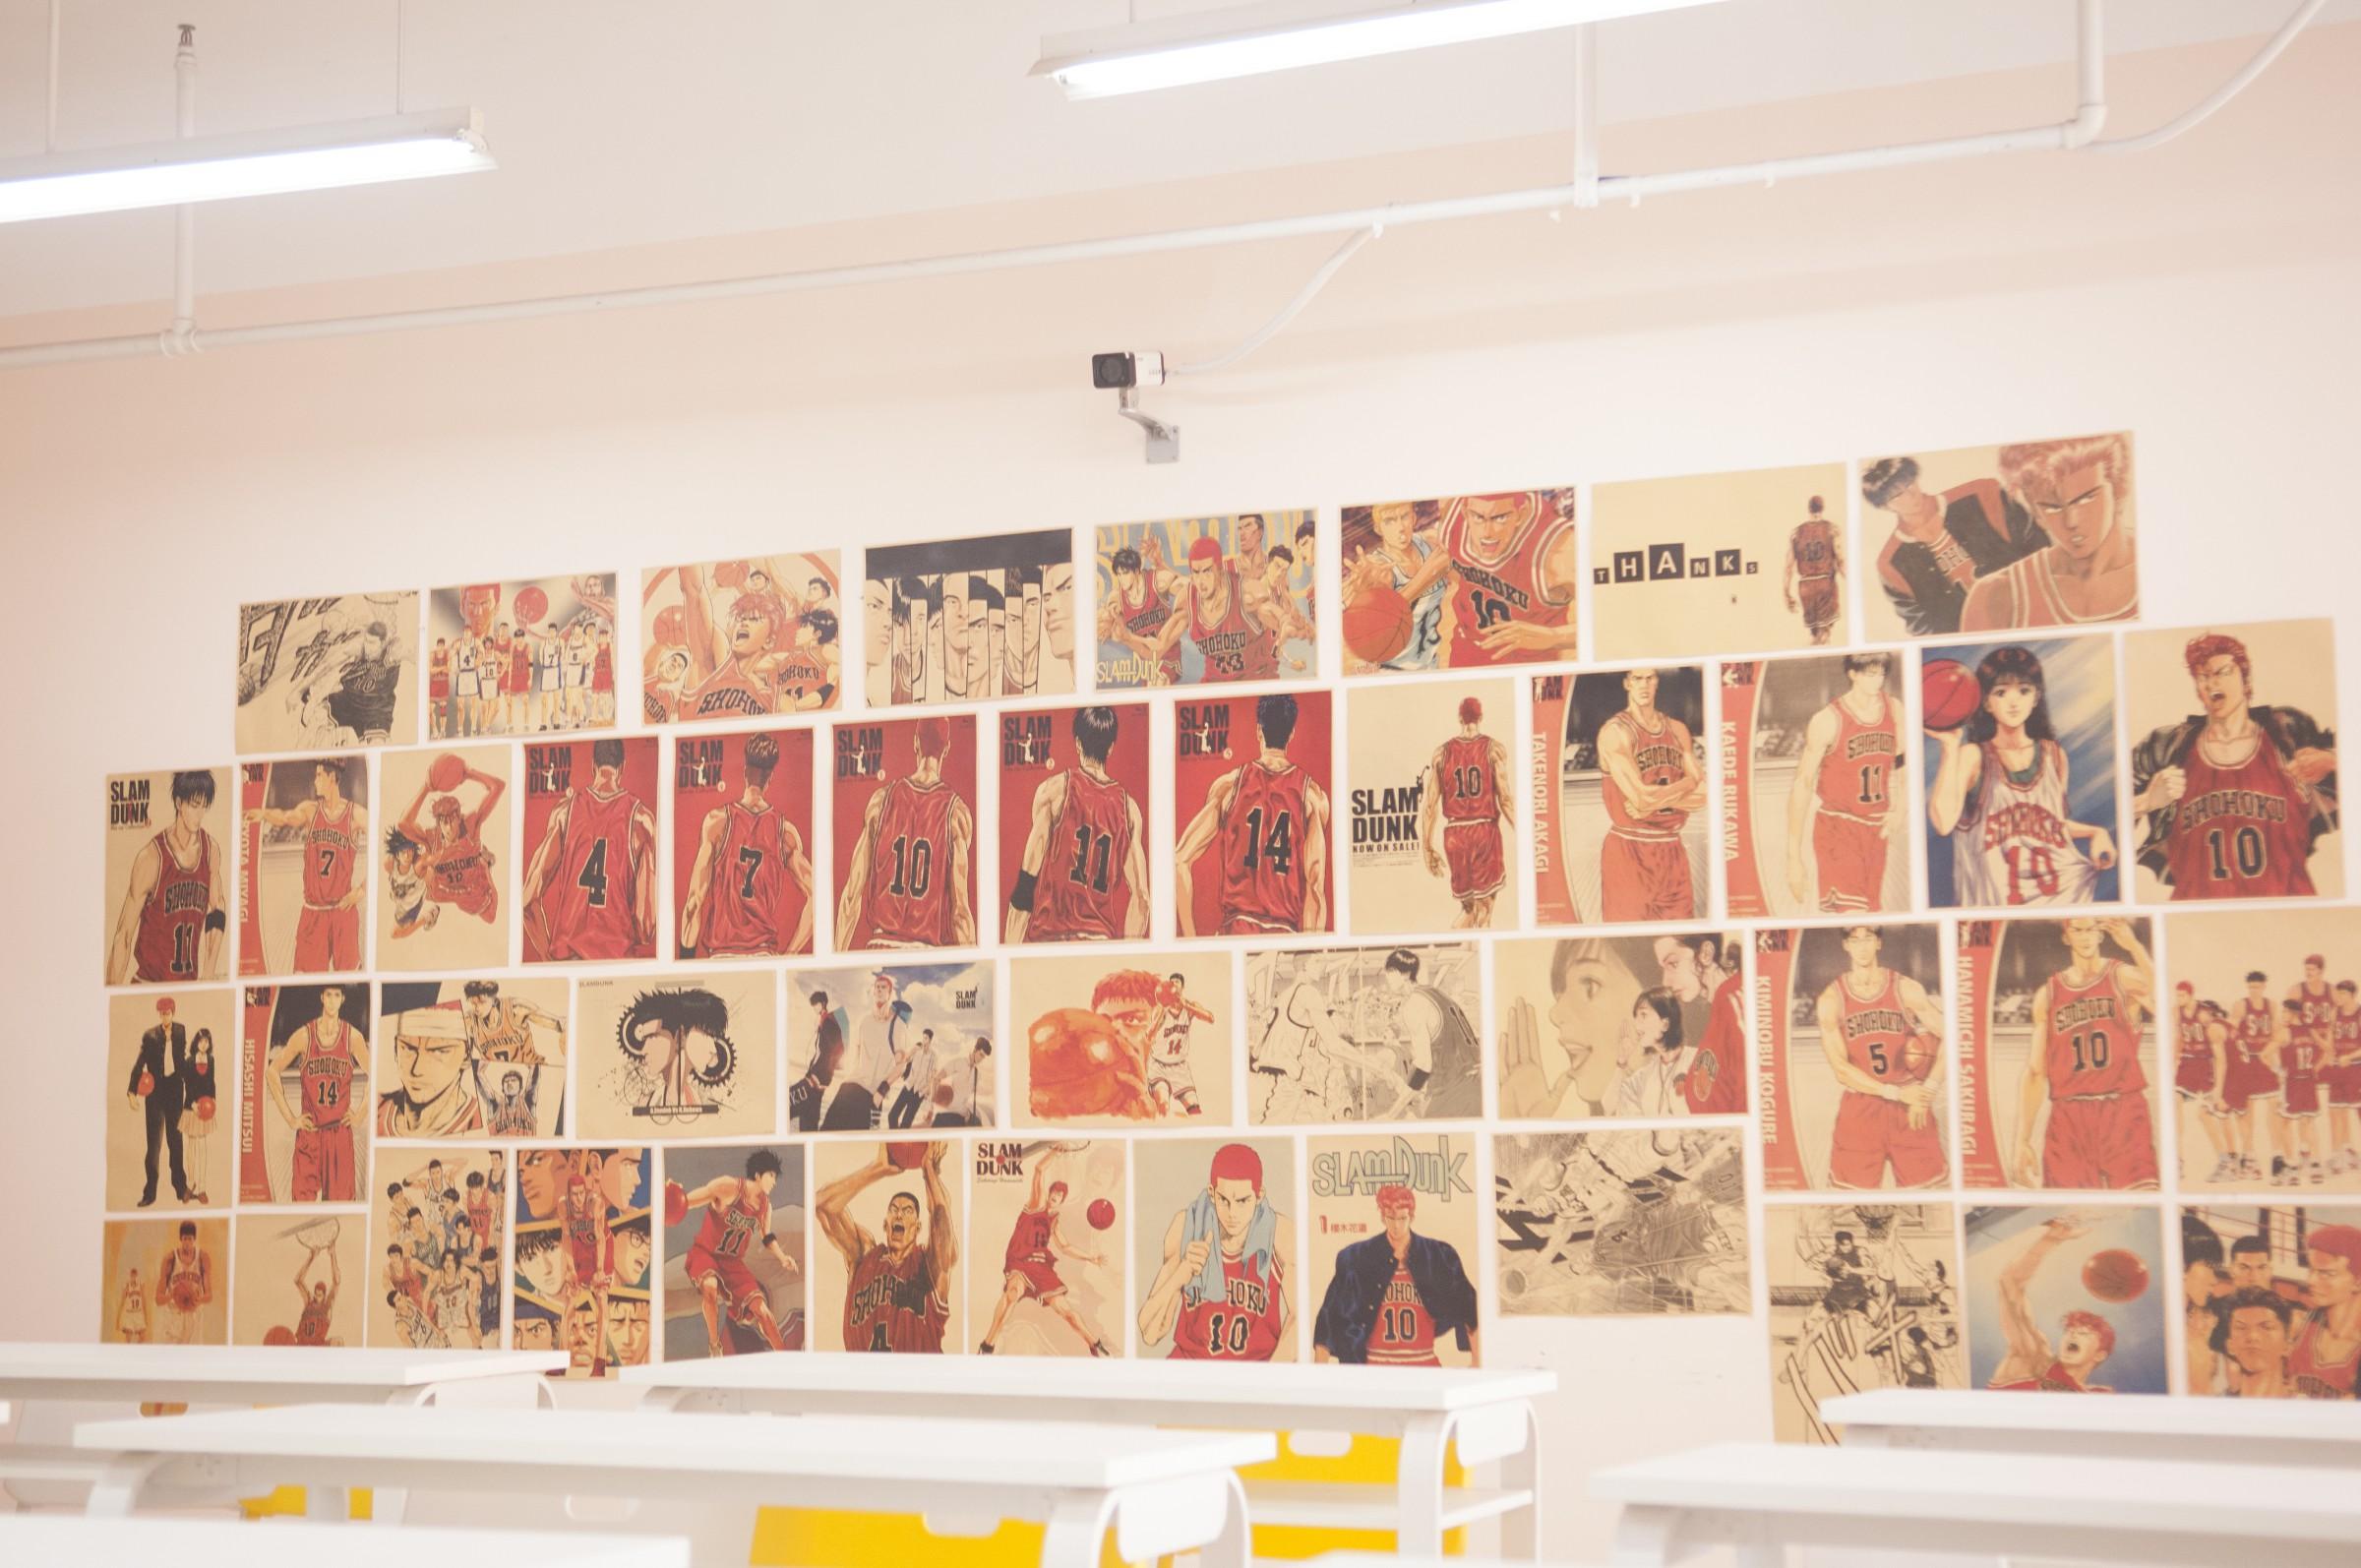 平成分享会:情怀、日系、复古各色主题教室,你喜欢哪间?